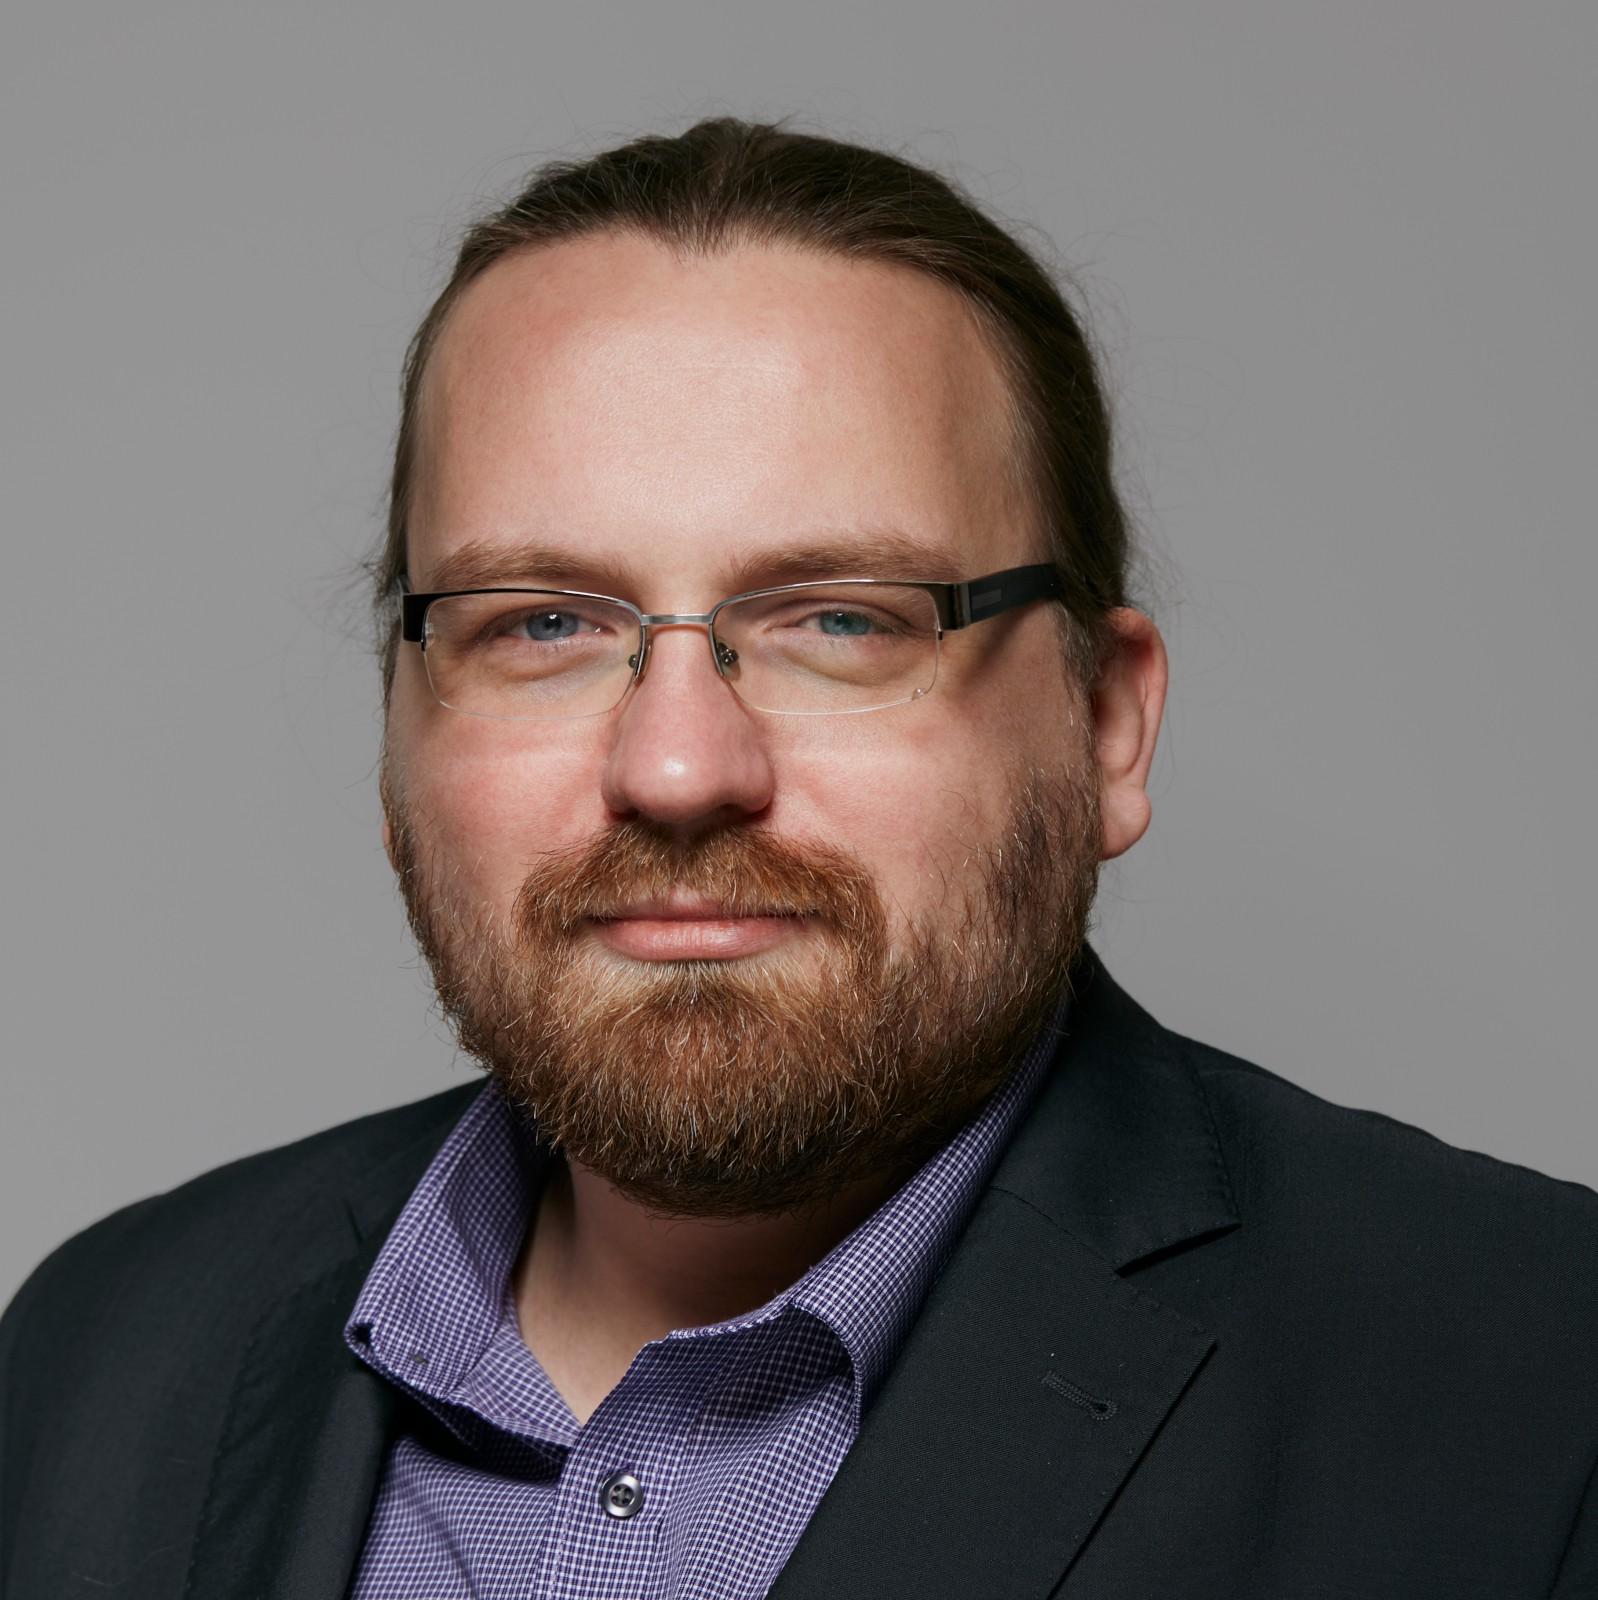 Krzysztof Orlicz